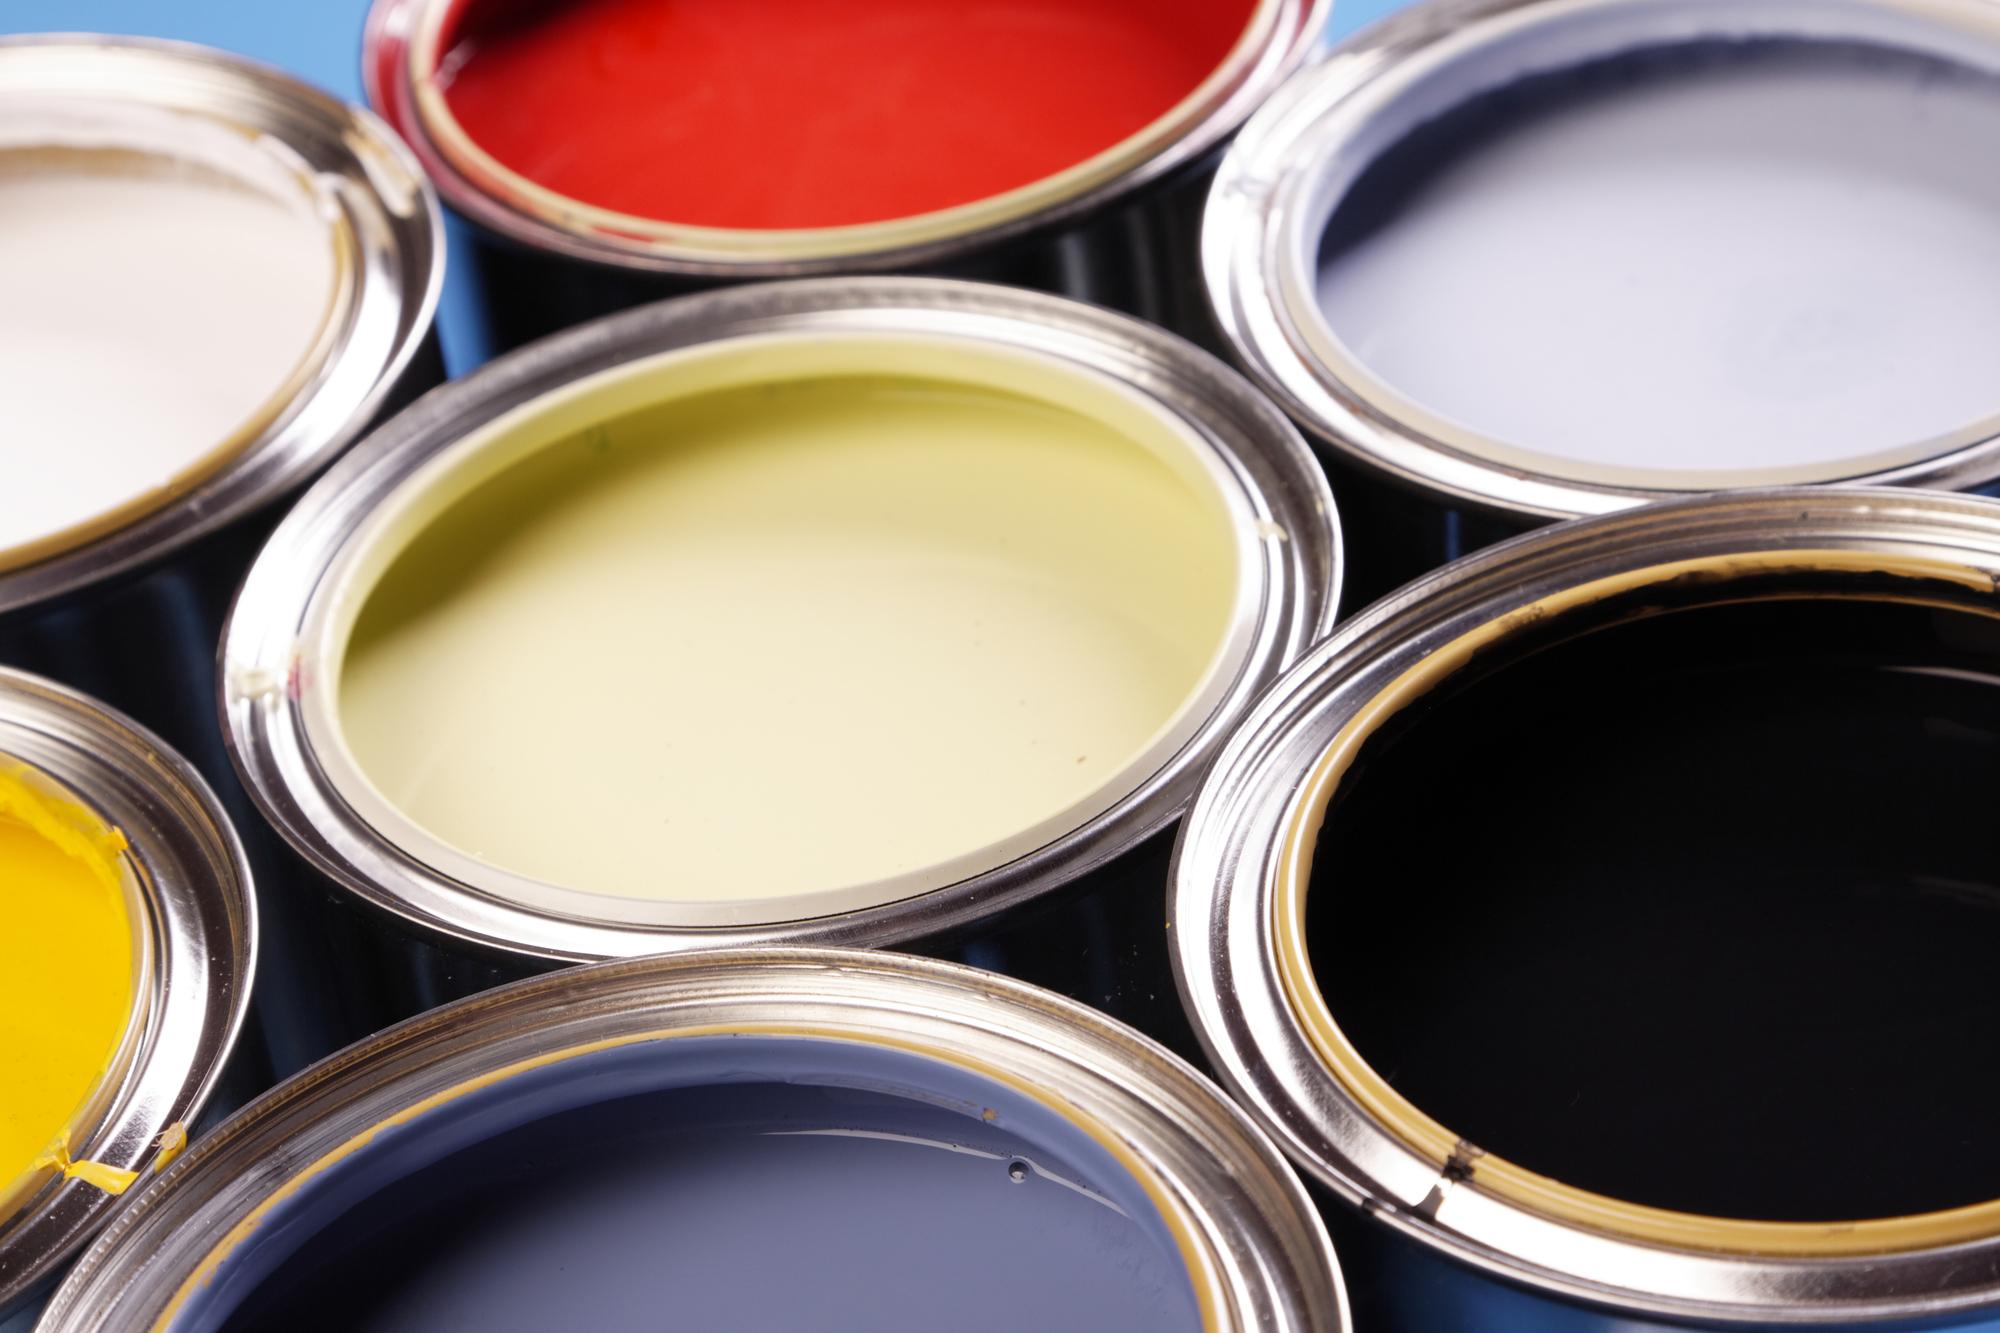 外壁塗装を考えているけど種類が多くてわからない!外壁の塗料の種類を解説